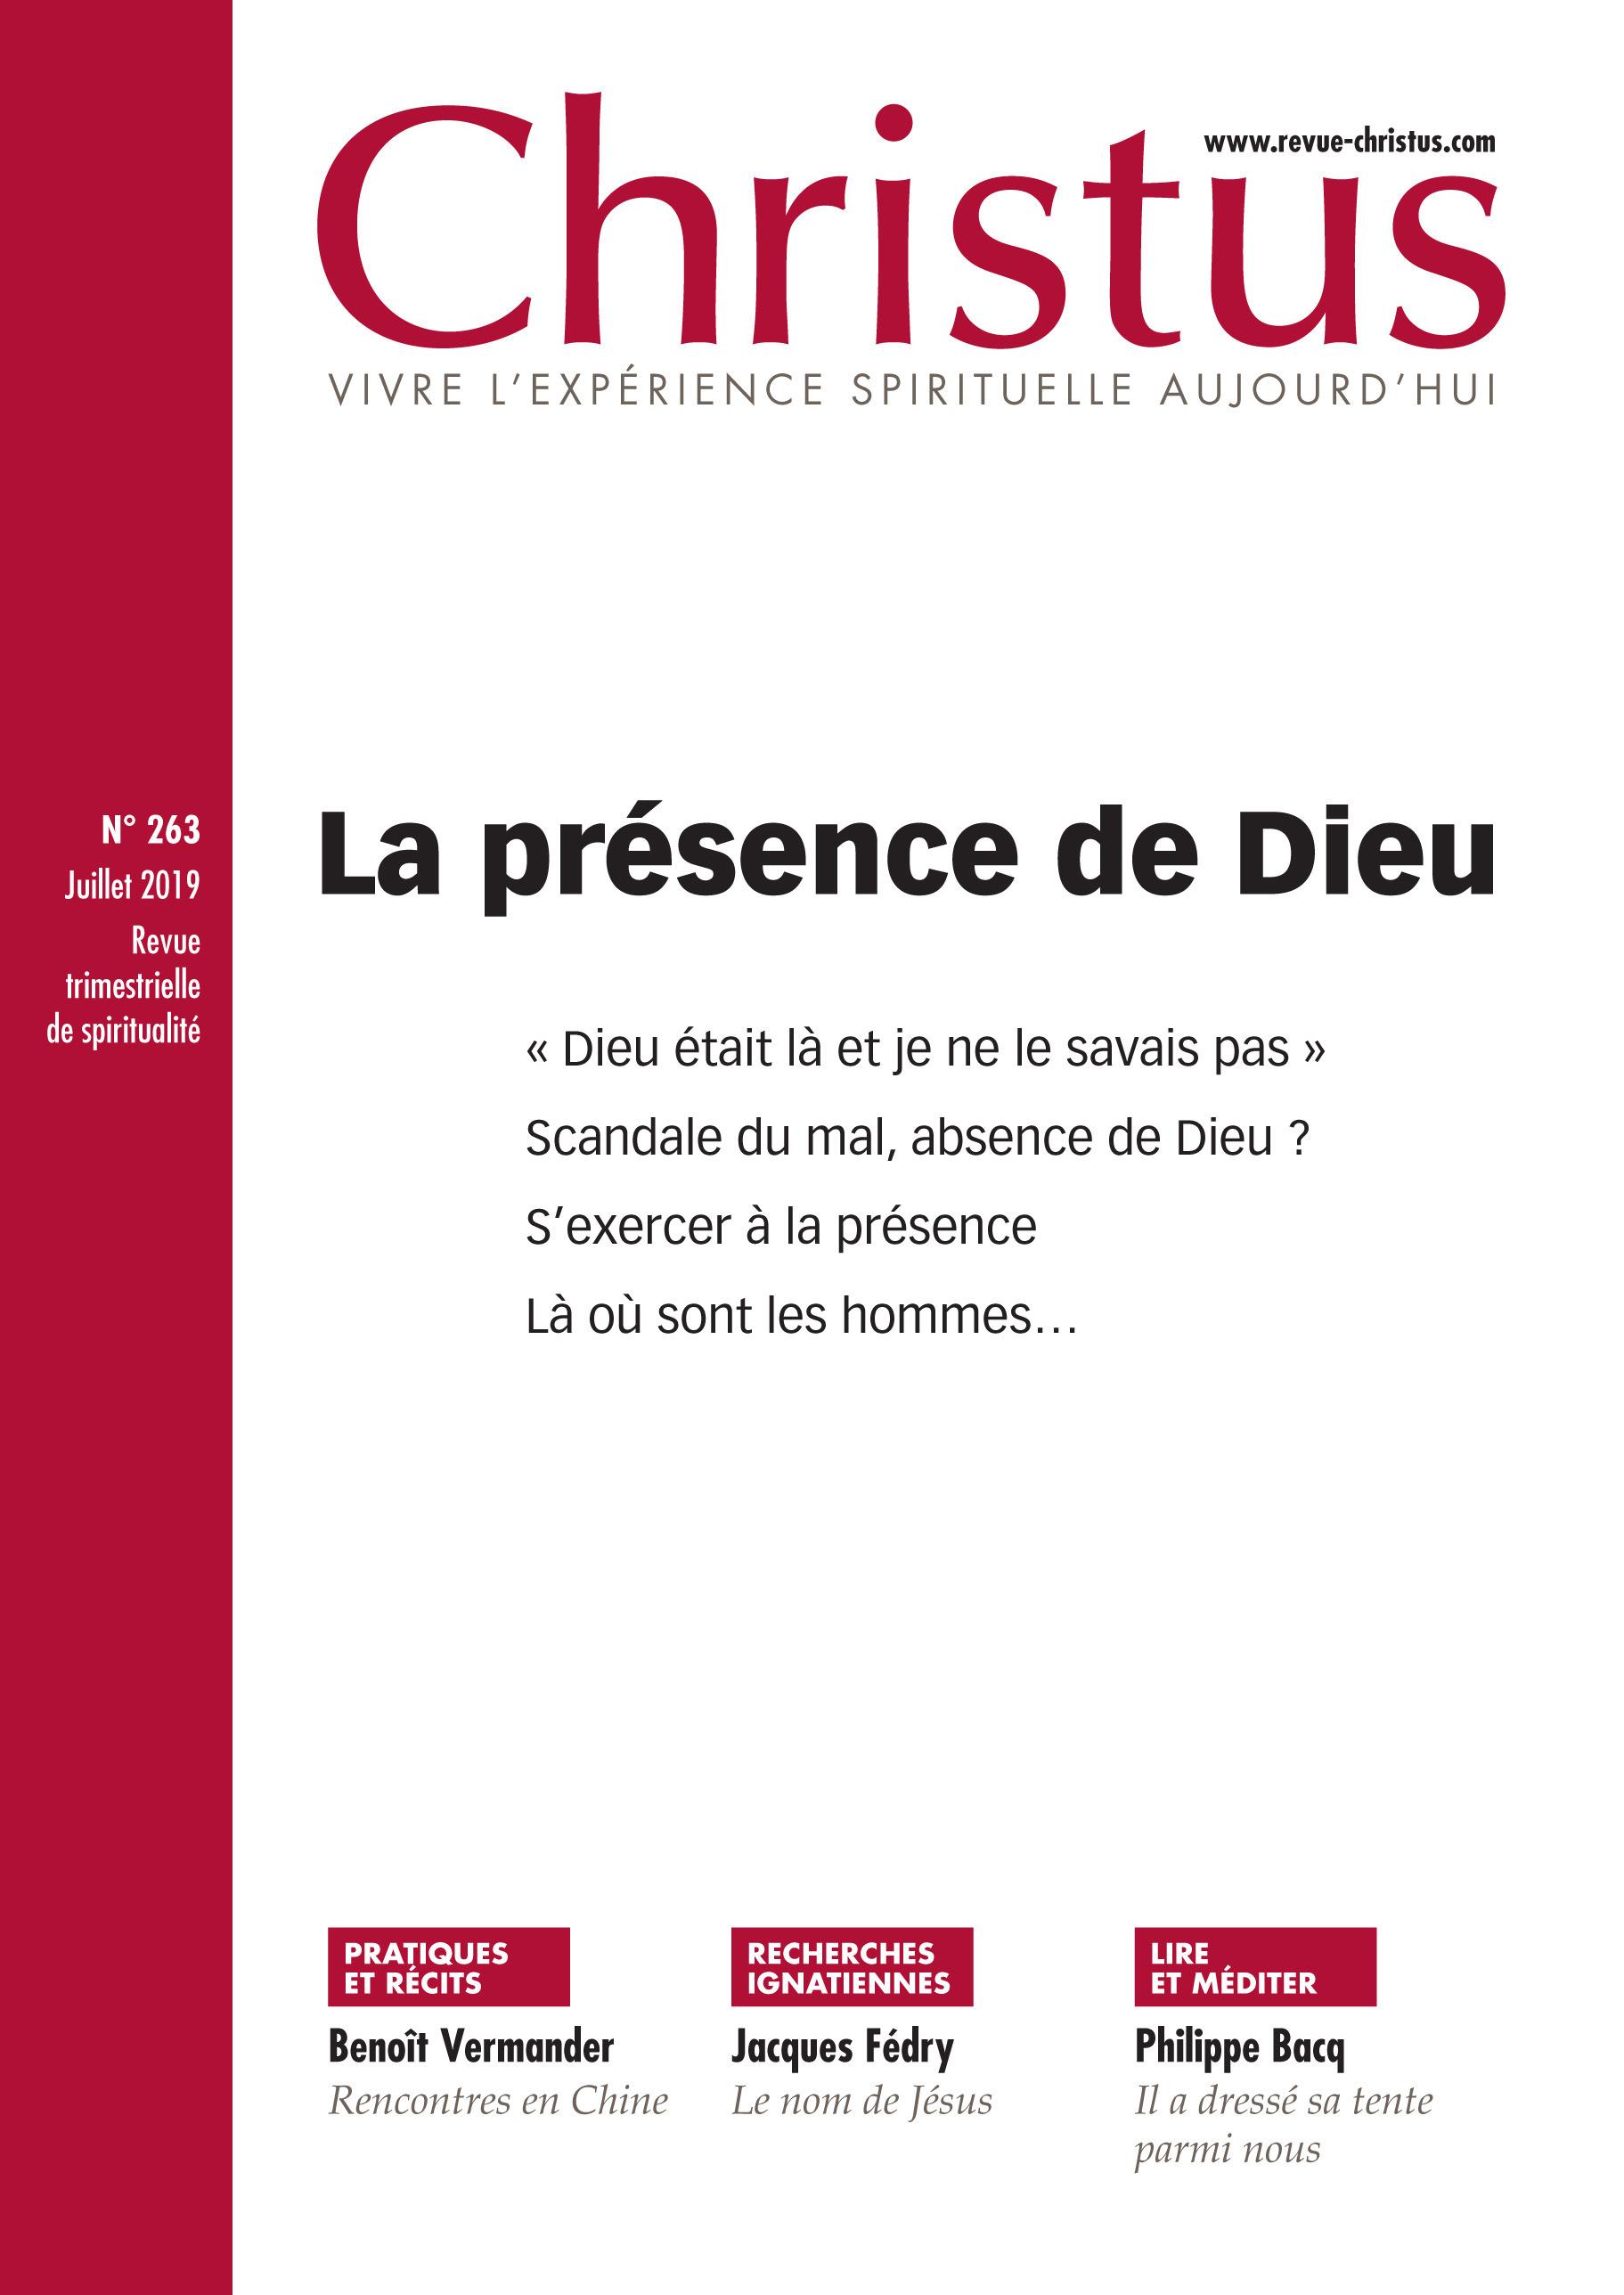 Revue christus n.263 ; juillet 2019  ; la présence de Dieu